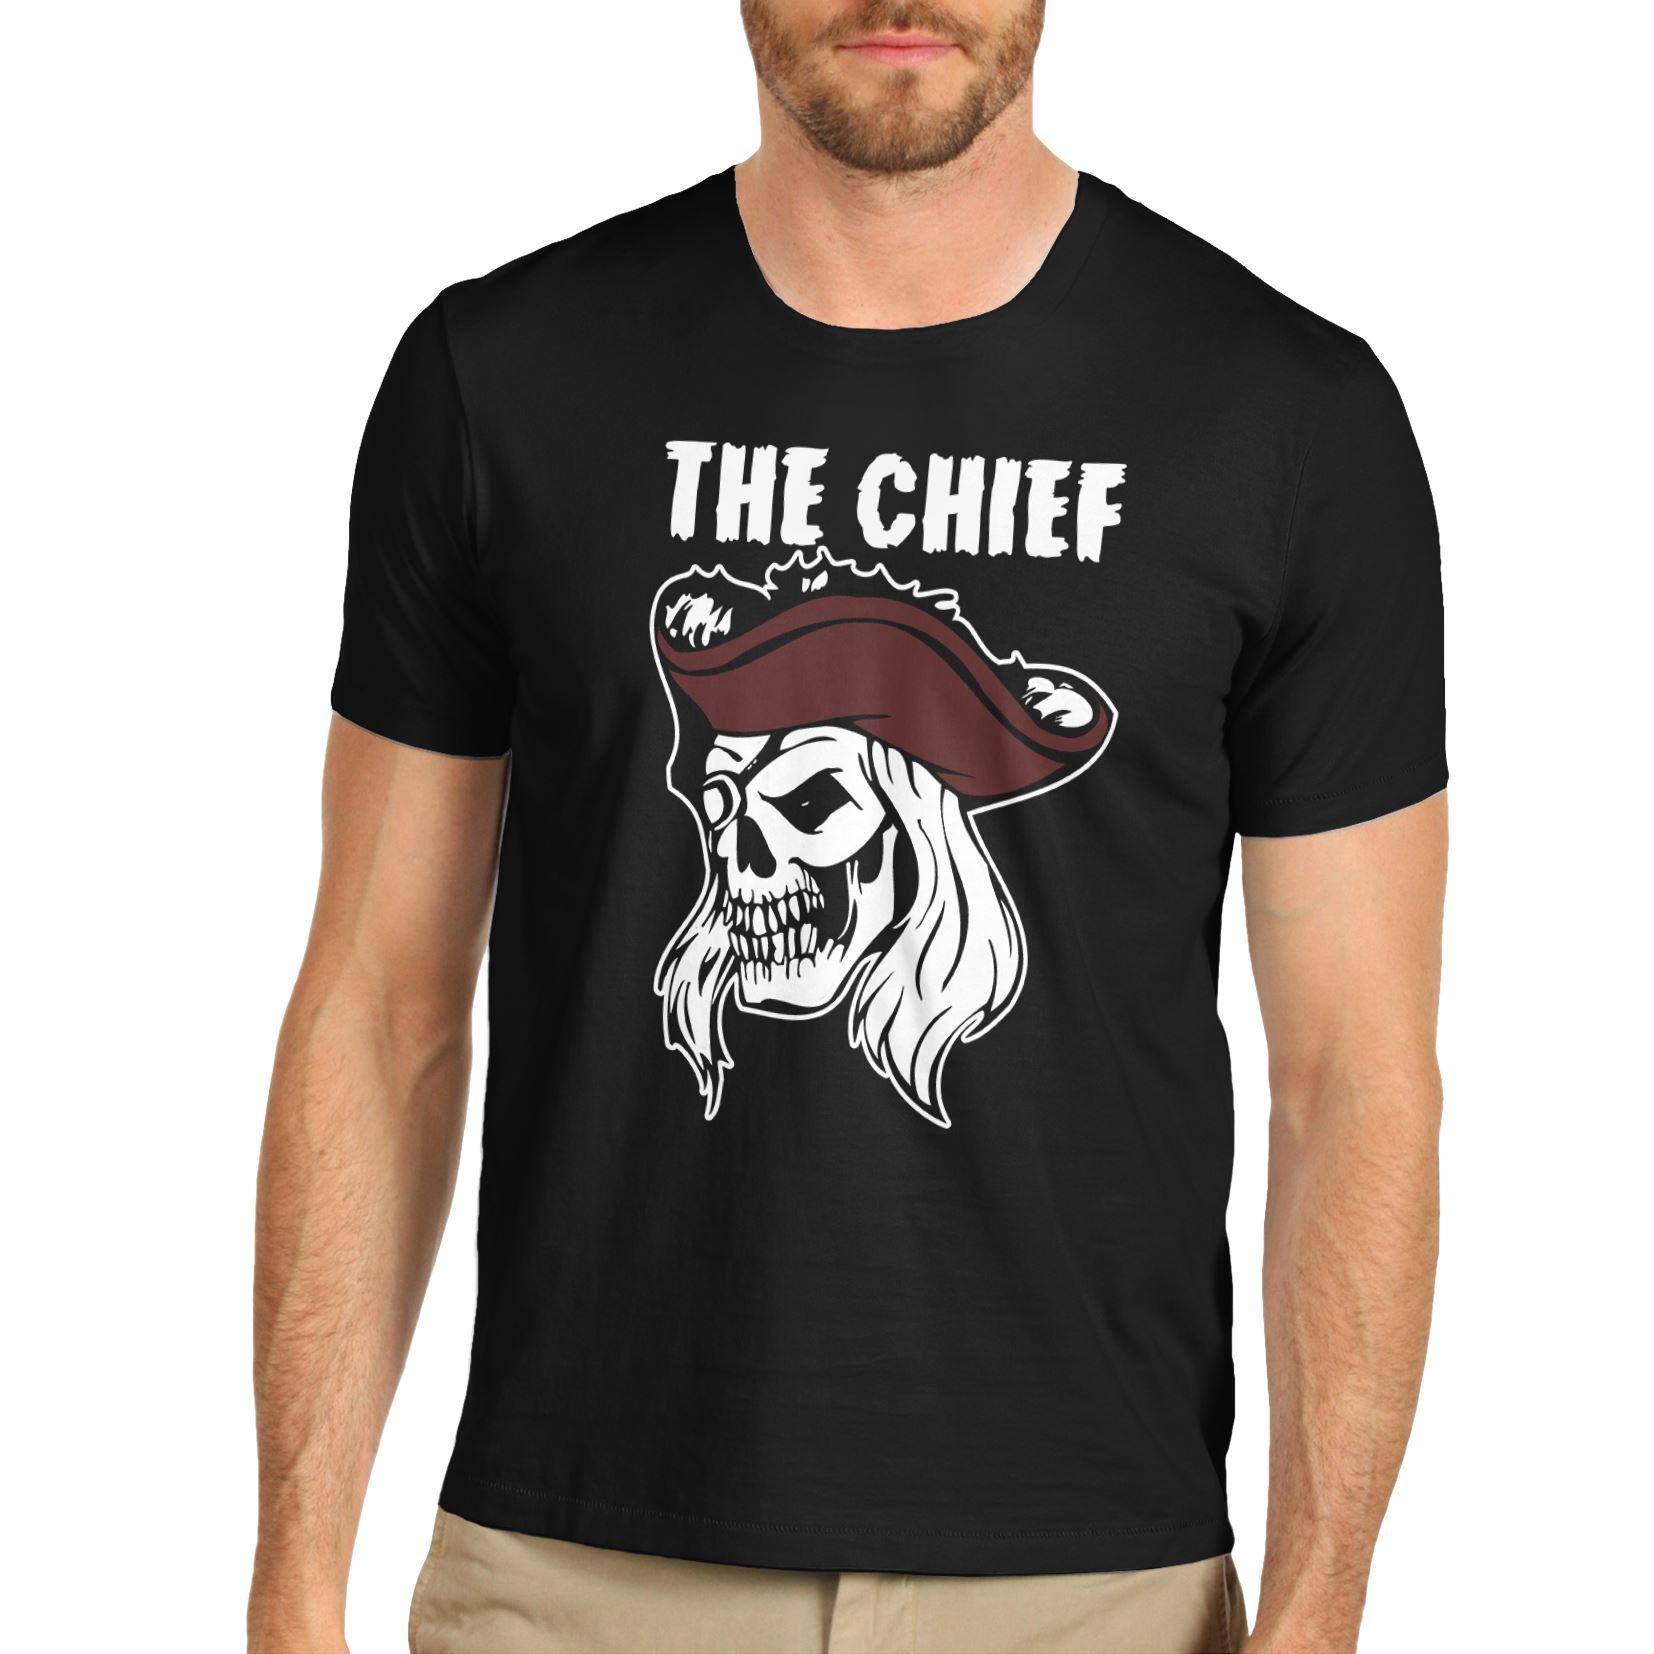 Cráneo del pirata El Jefe Premium hombre camiseta de algodón Enfriar orgullo casual hombres de la camiseta unisex del nuevo de la manera camiseta superior floja del tamaño